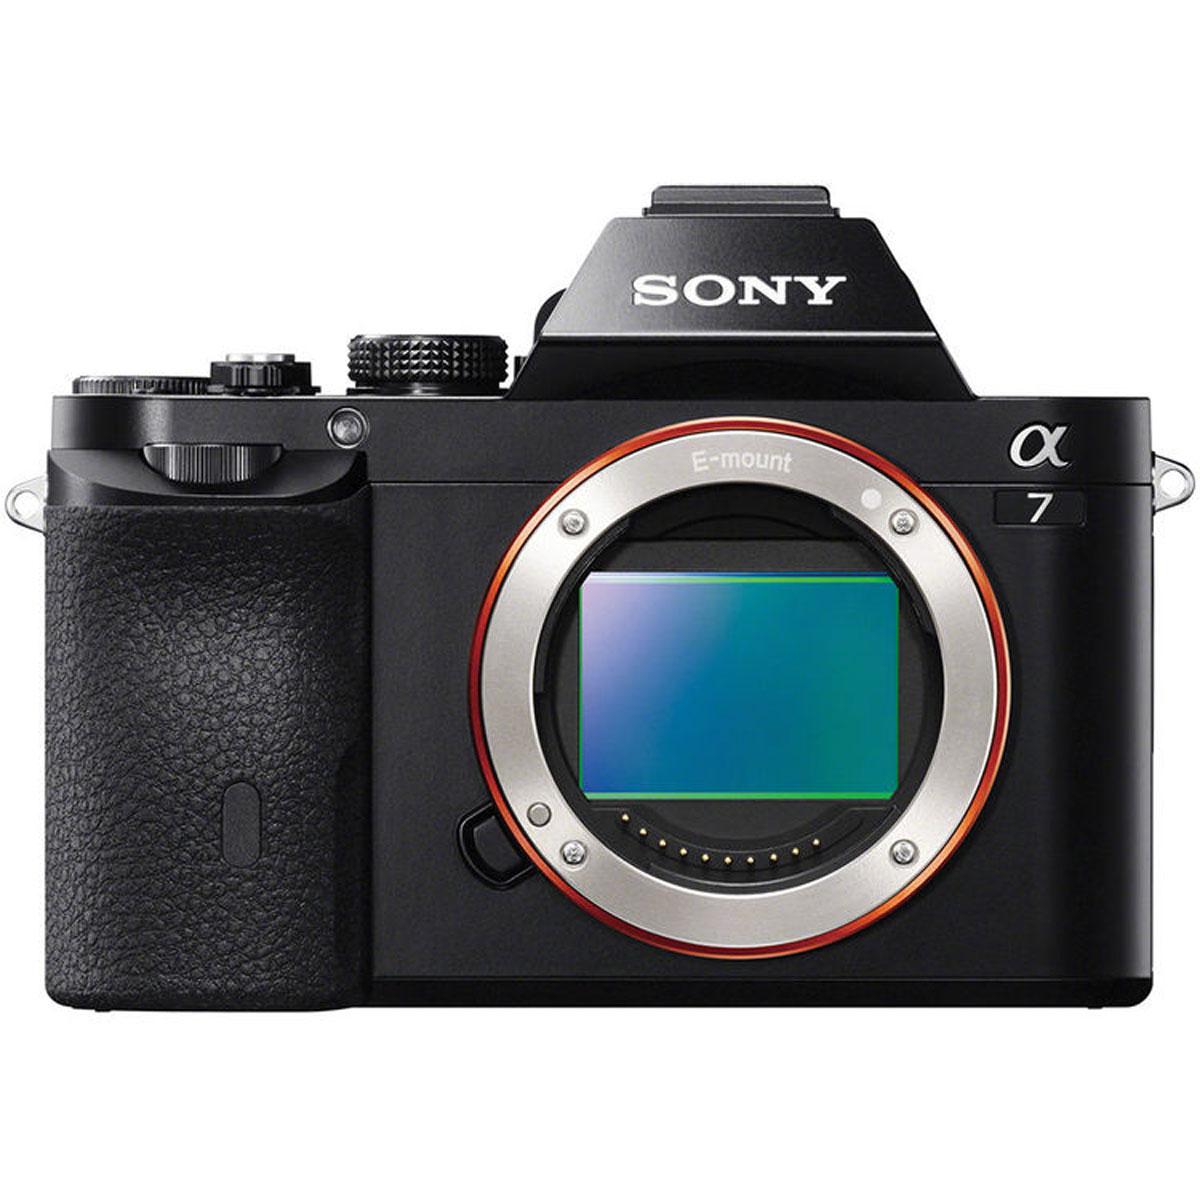 Sony Alpha A7 Body, Black цифровая фотокамераILCE7B.RU2Камера Sony Alpha 7 с байонетом Е и полнокадровой матрицей: 35-мм полнокадровая матрица 24,3 Мпикс: Компания Sony, один из ведущих производителей матриц, объединила свои передовые технологии, чтобы добиться самых высоких показателей разрешения и качества изображения в истории. Эта революционная 35-мм полнокадровая матрица Exmor CMOS фиксирует свет с рекордной эффективностью для обеспечения высокой чувствительности, широкого динамического диапазона и непревзойденного уровня реализма при значительном снижении уровня шума. Процессор BIONZ X: Sony с гордостью представляет процессор изображений BIONZ X, который благодаря дополнительным возможностям высокоскоростной обработки данных тщательно воспроизводит текстуры и мелкие детали в режиме реального времени так же, как Вы их видите невооруженным глазом. В сочетании с большой интегральной схемой внешнего доступа, которая ускоряет обработку на самых ранних этапах, он обеспечивает более...